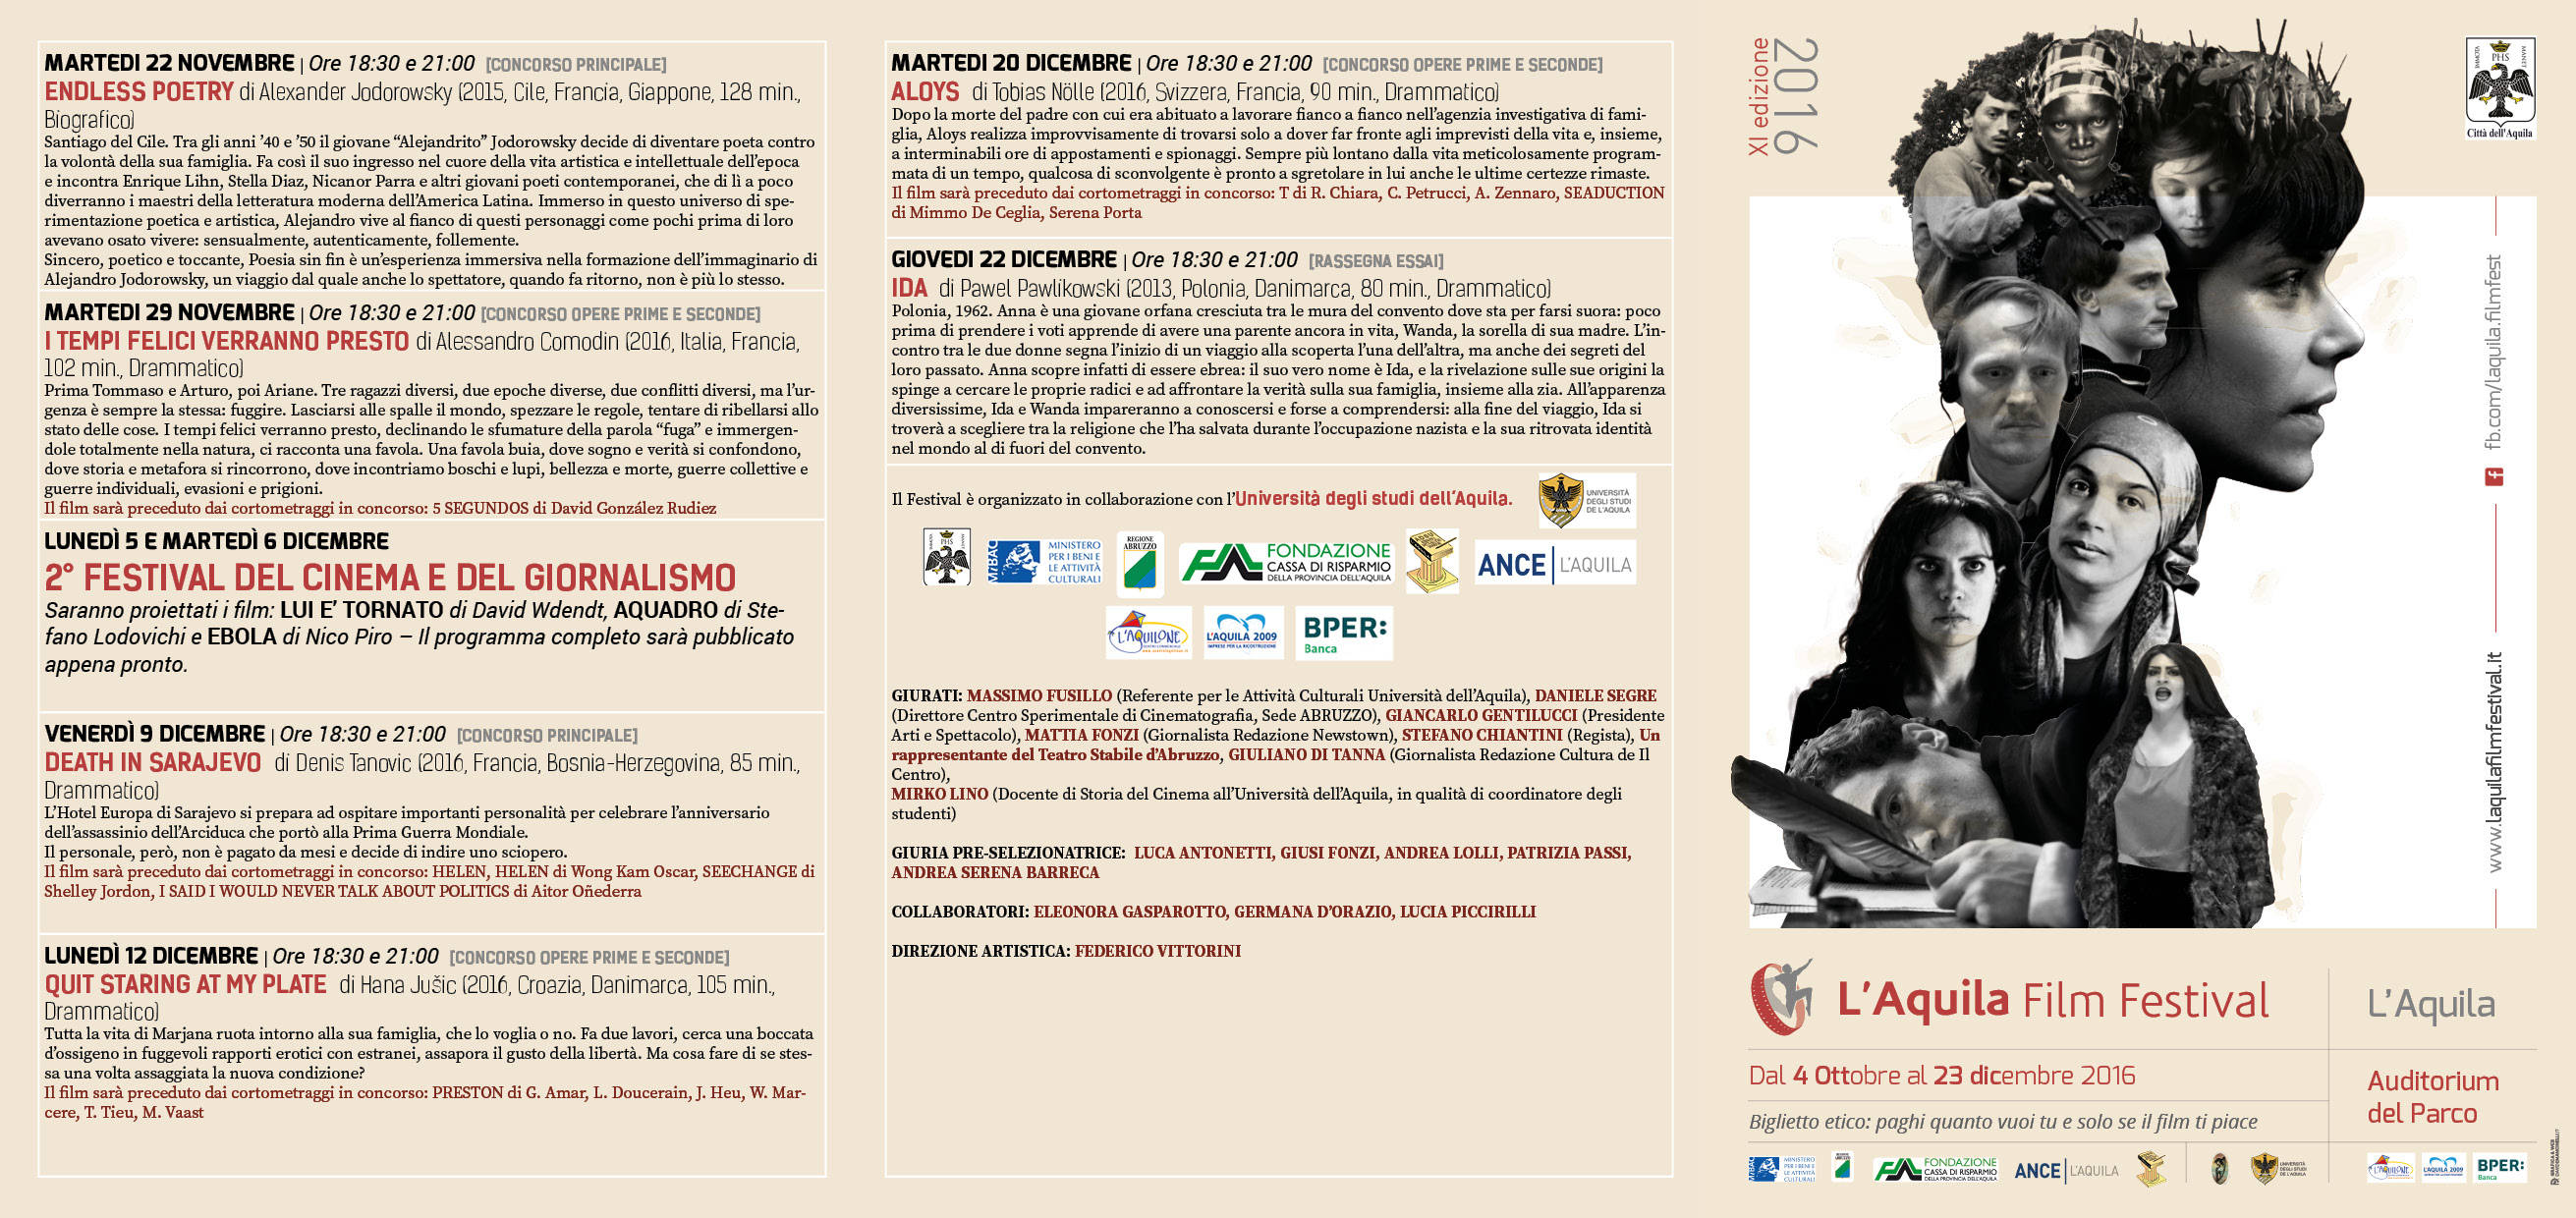 pieghevole-aquila-film-festival-aggiornato-flyeralarm-bellocchio-ok